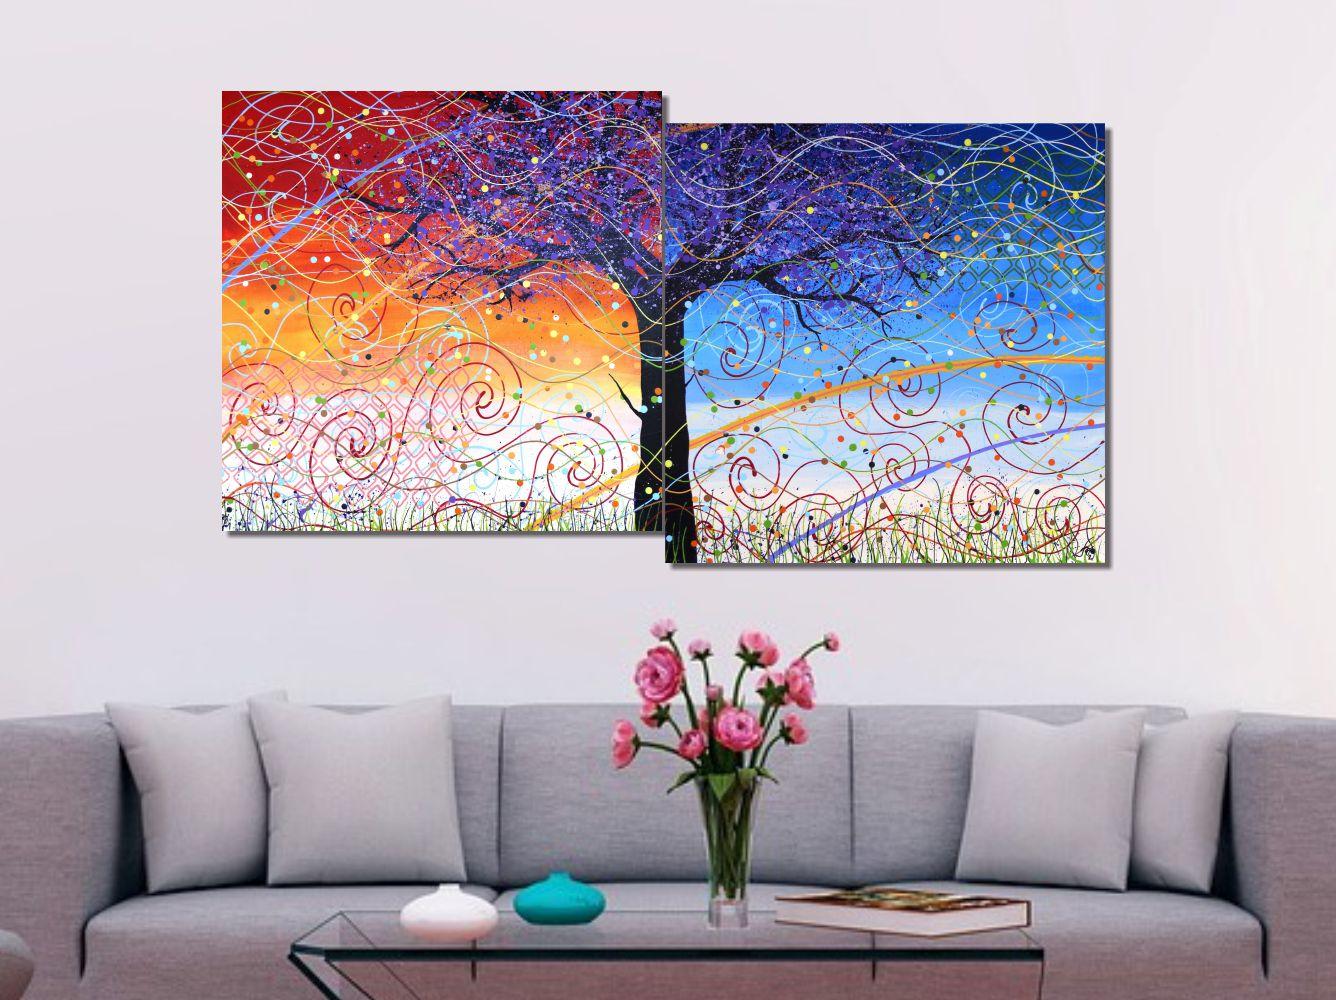 Quadro Painel Decorativo Abstrato Arvore e Brisa 73 x 136 cm